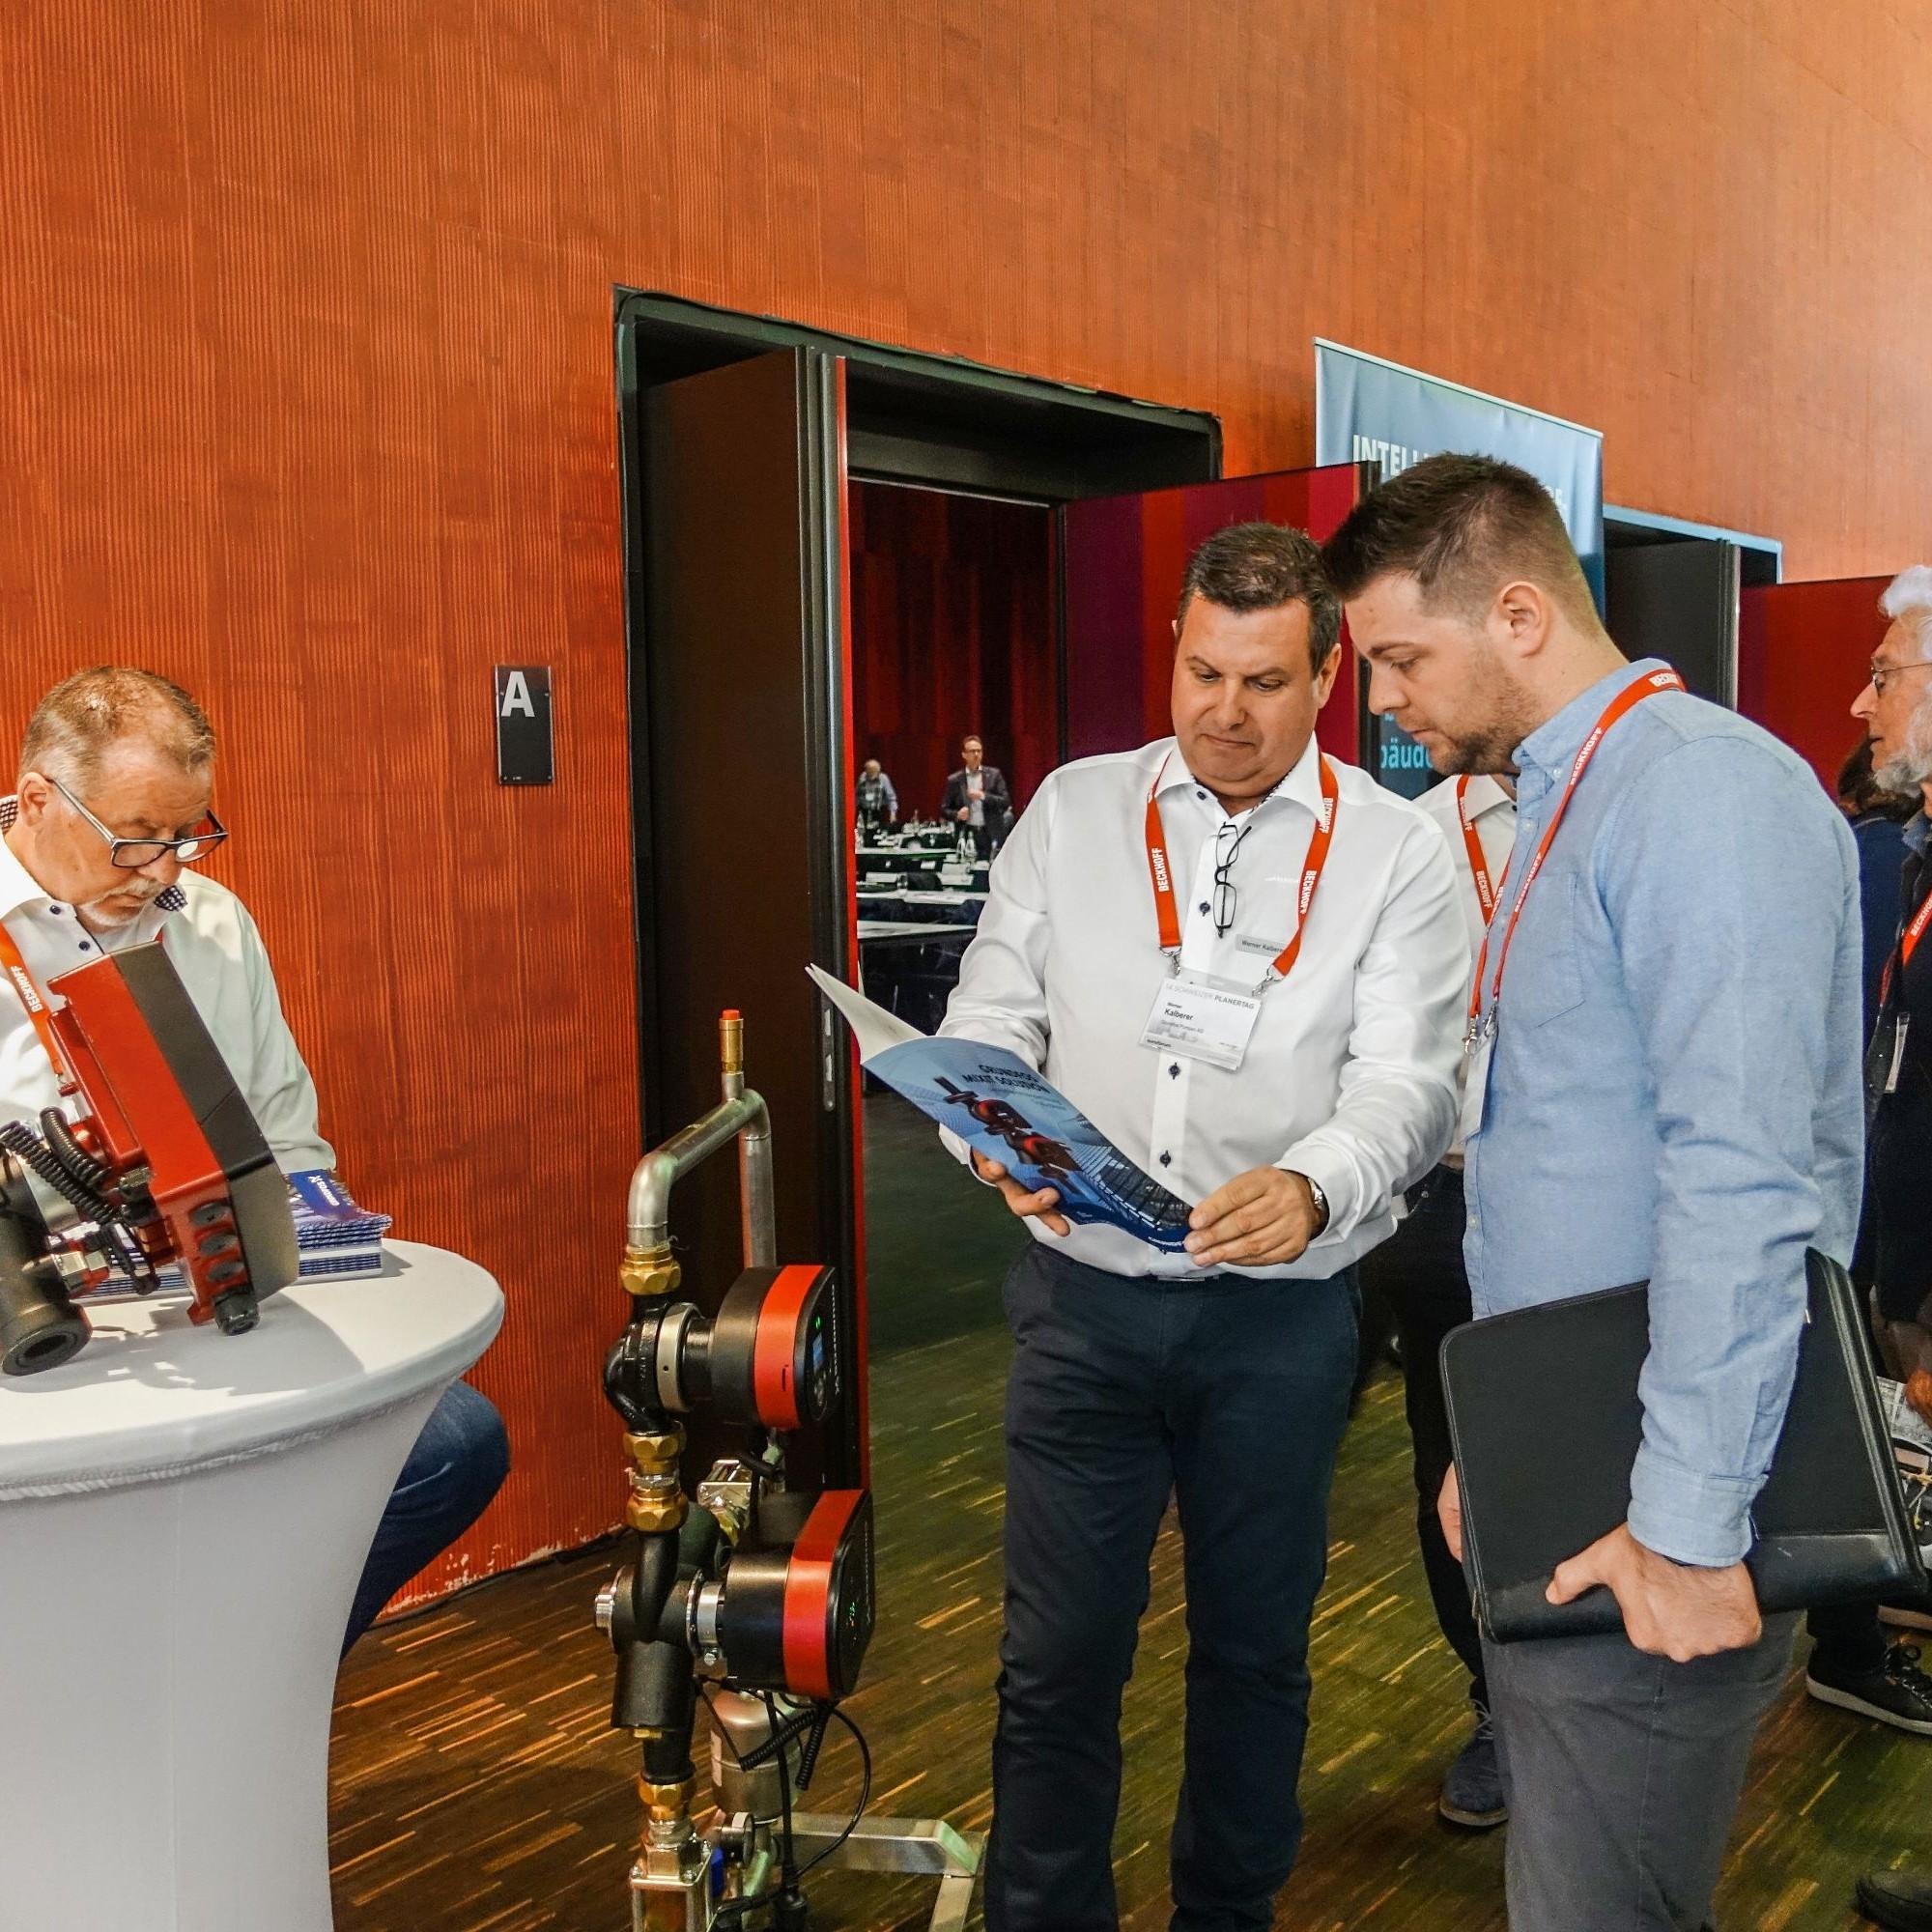 Eindrücke vom Schweizer Planertag in Brugg: DieDigitalisierung bei der Planung und Überwachung stand im Mittelpunkt der Veranstaltung. In den Pausen gab es dieGelegenheit, neue Technik kennenzulernen.